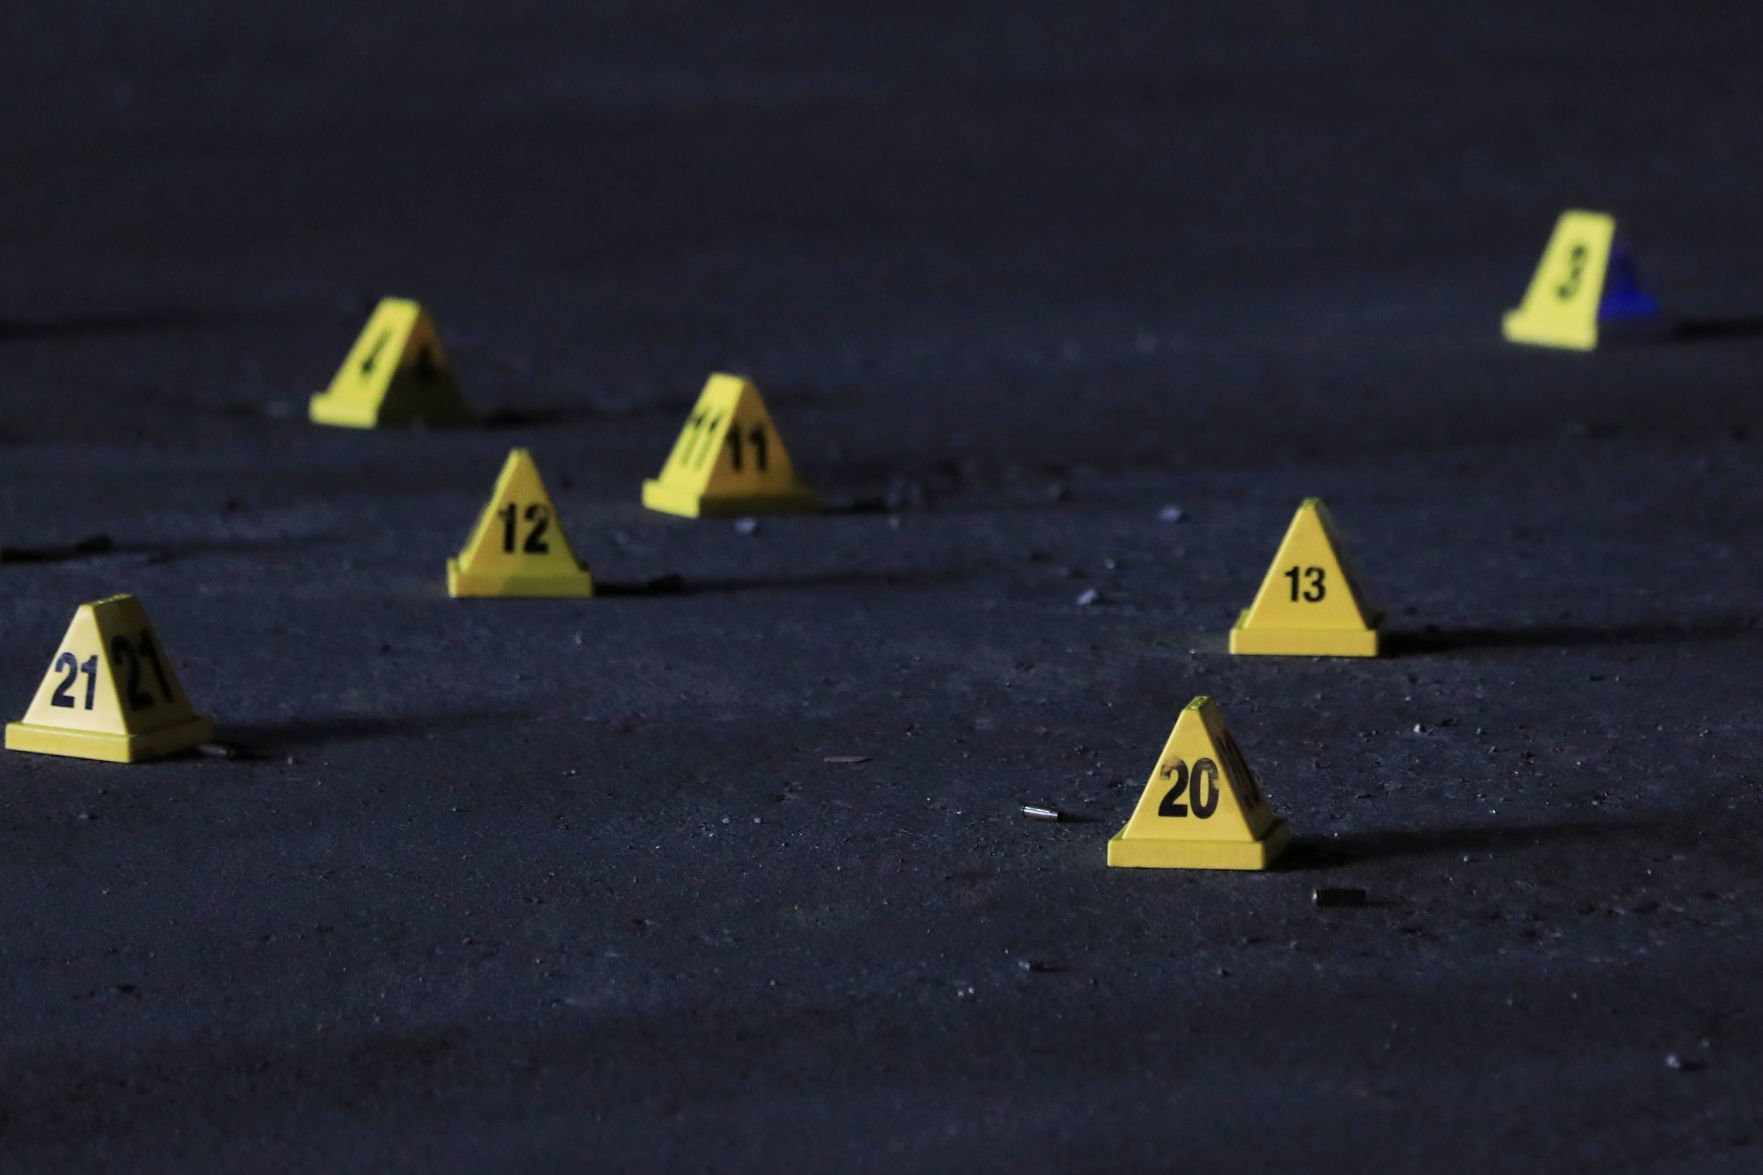 Identifican a hombre asesinado frente a supermercado en Morovis